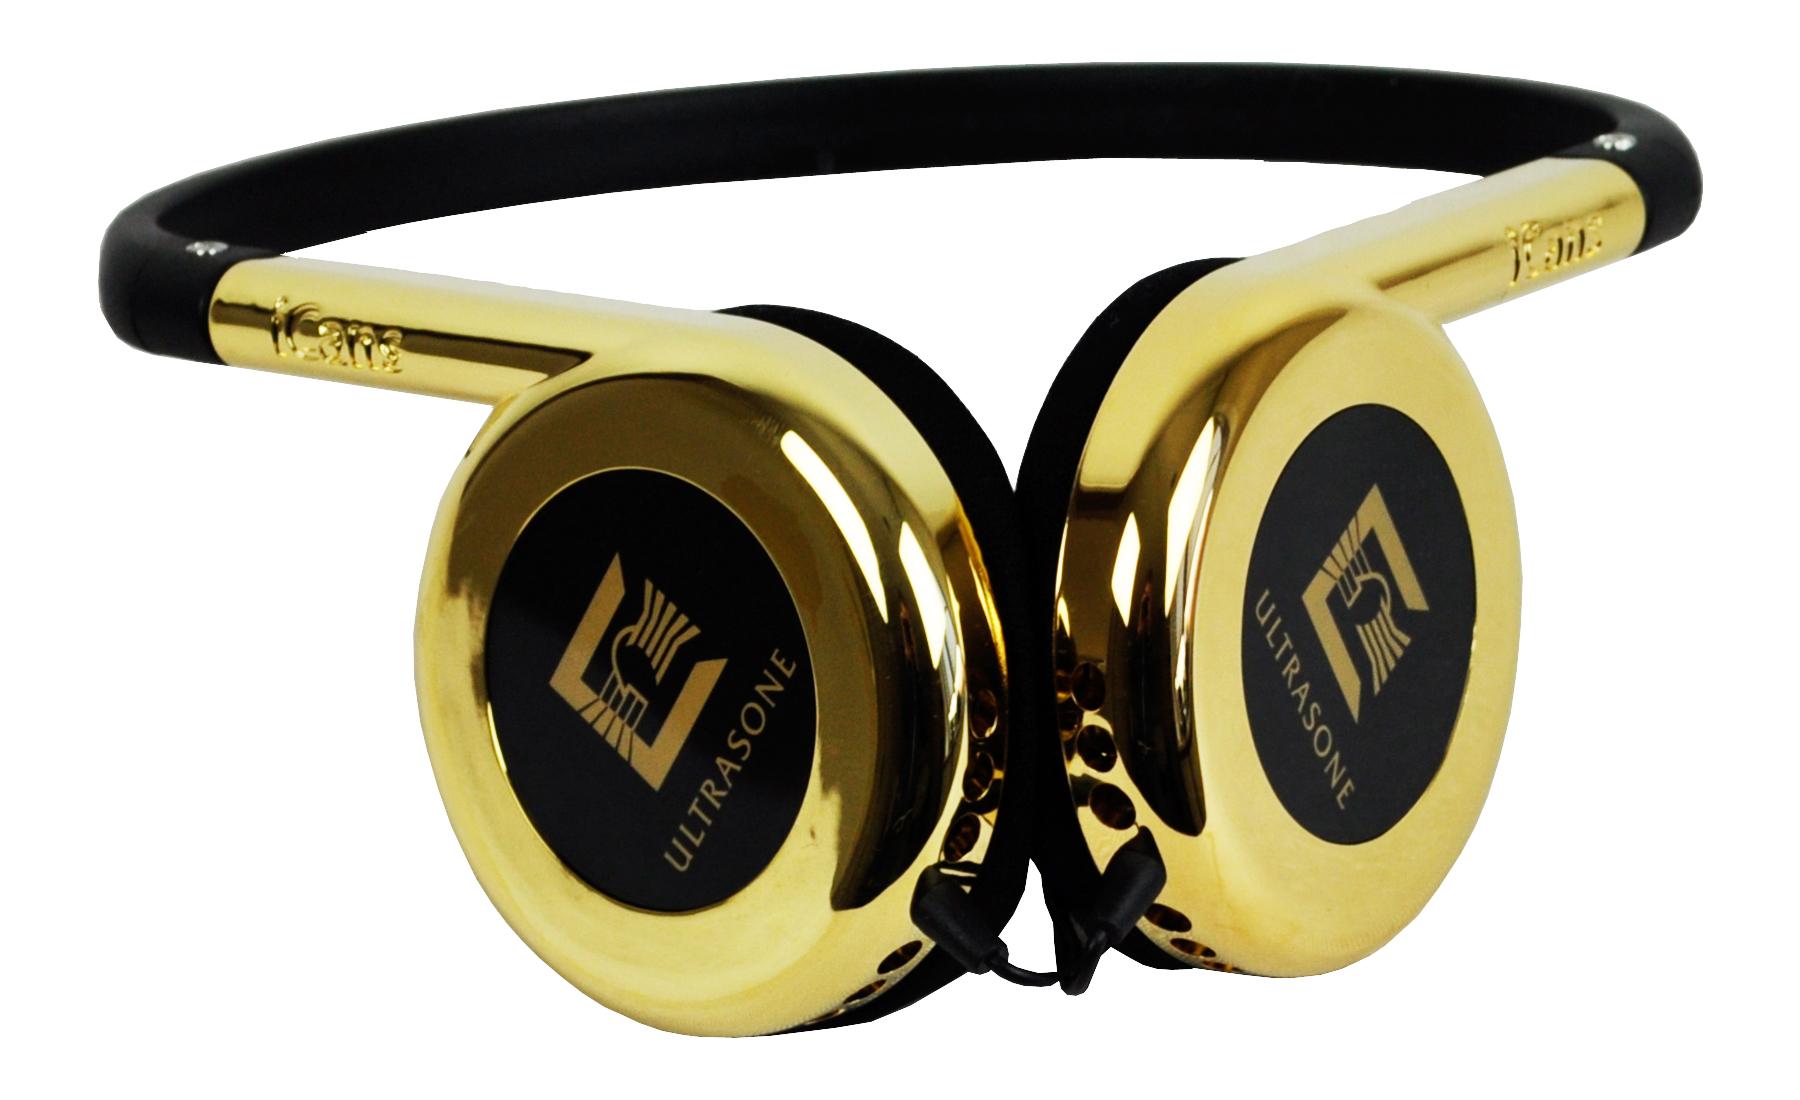 Ultrasone I-Cans Aurum hovedtelefon, 24K guld belagt